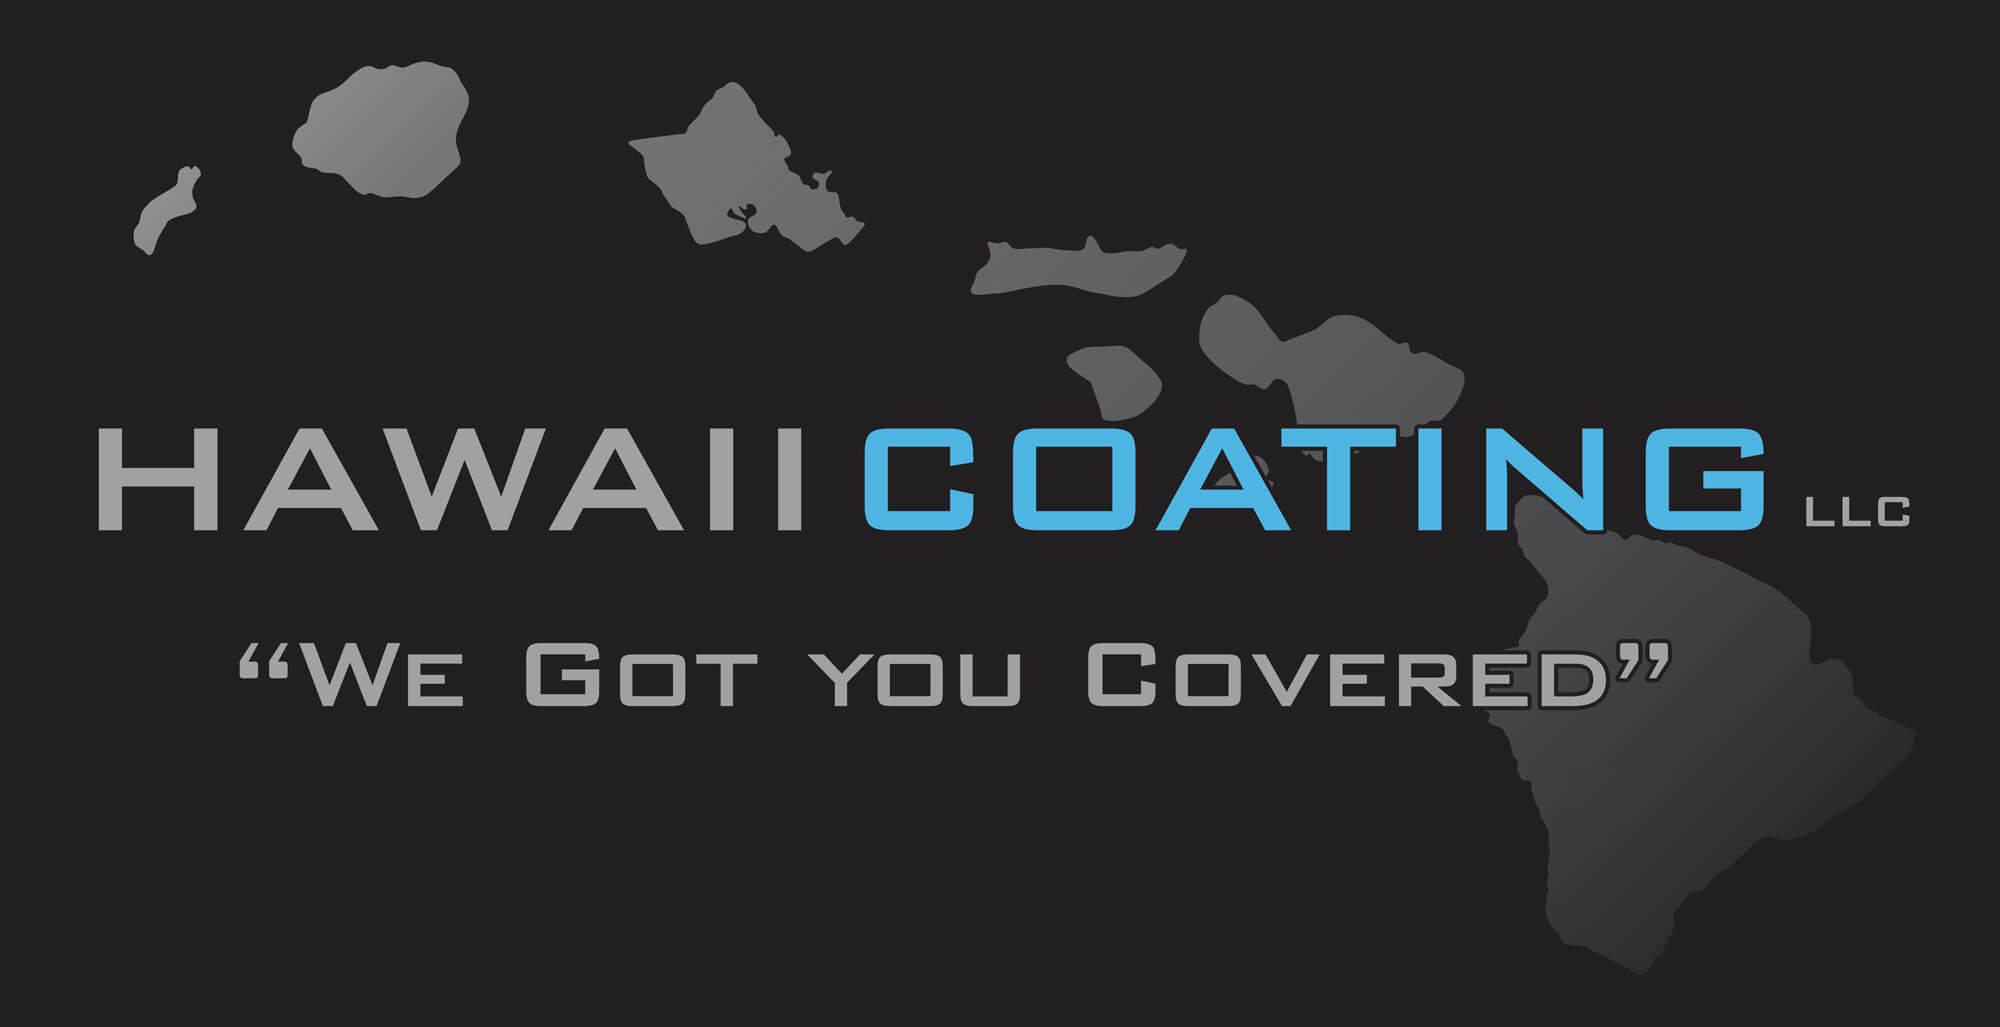 Hawaii Coating LLC